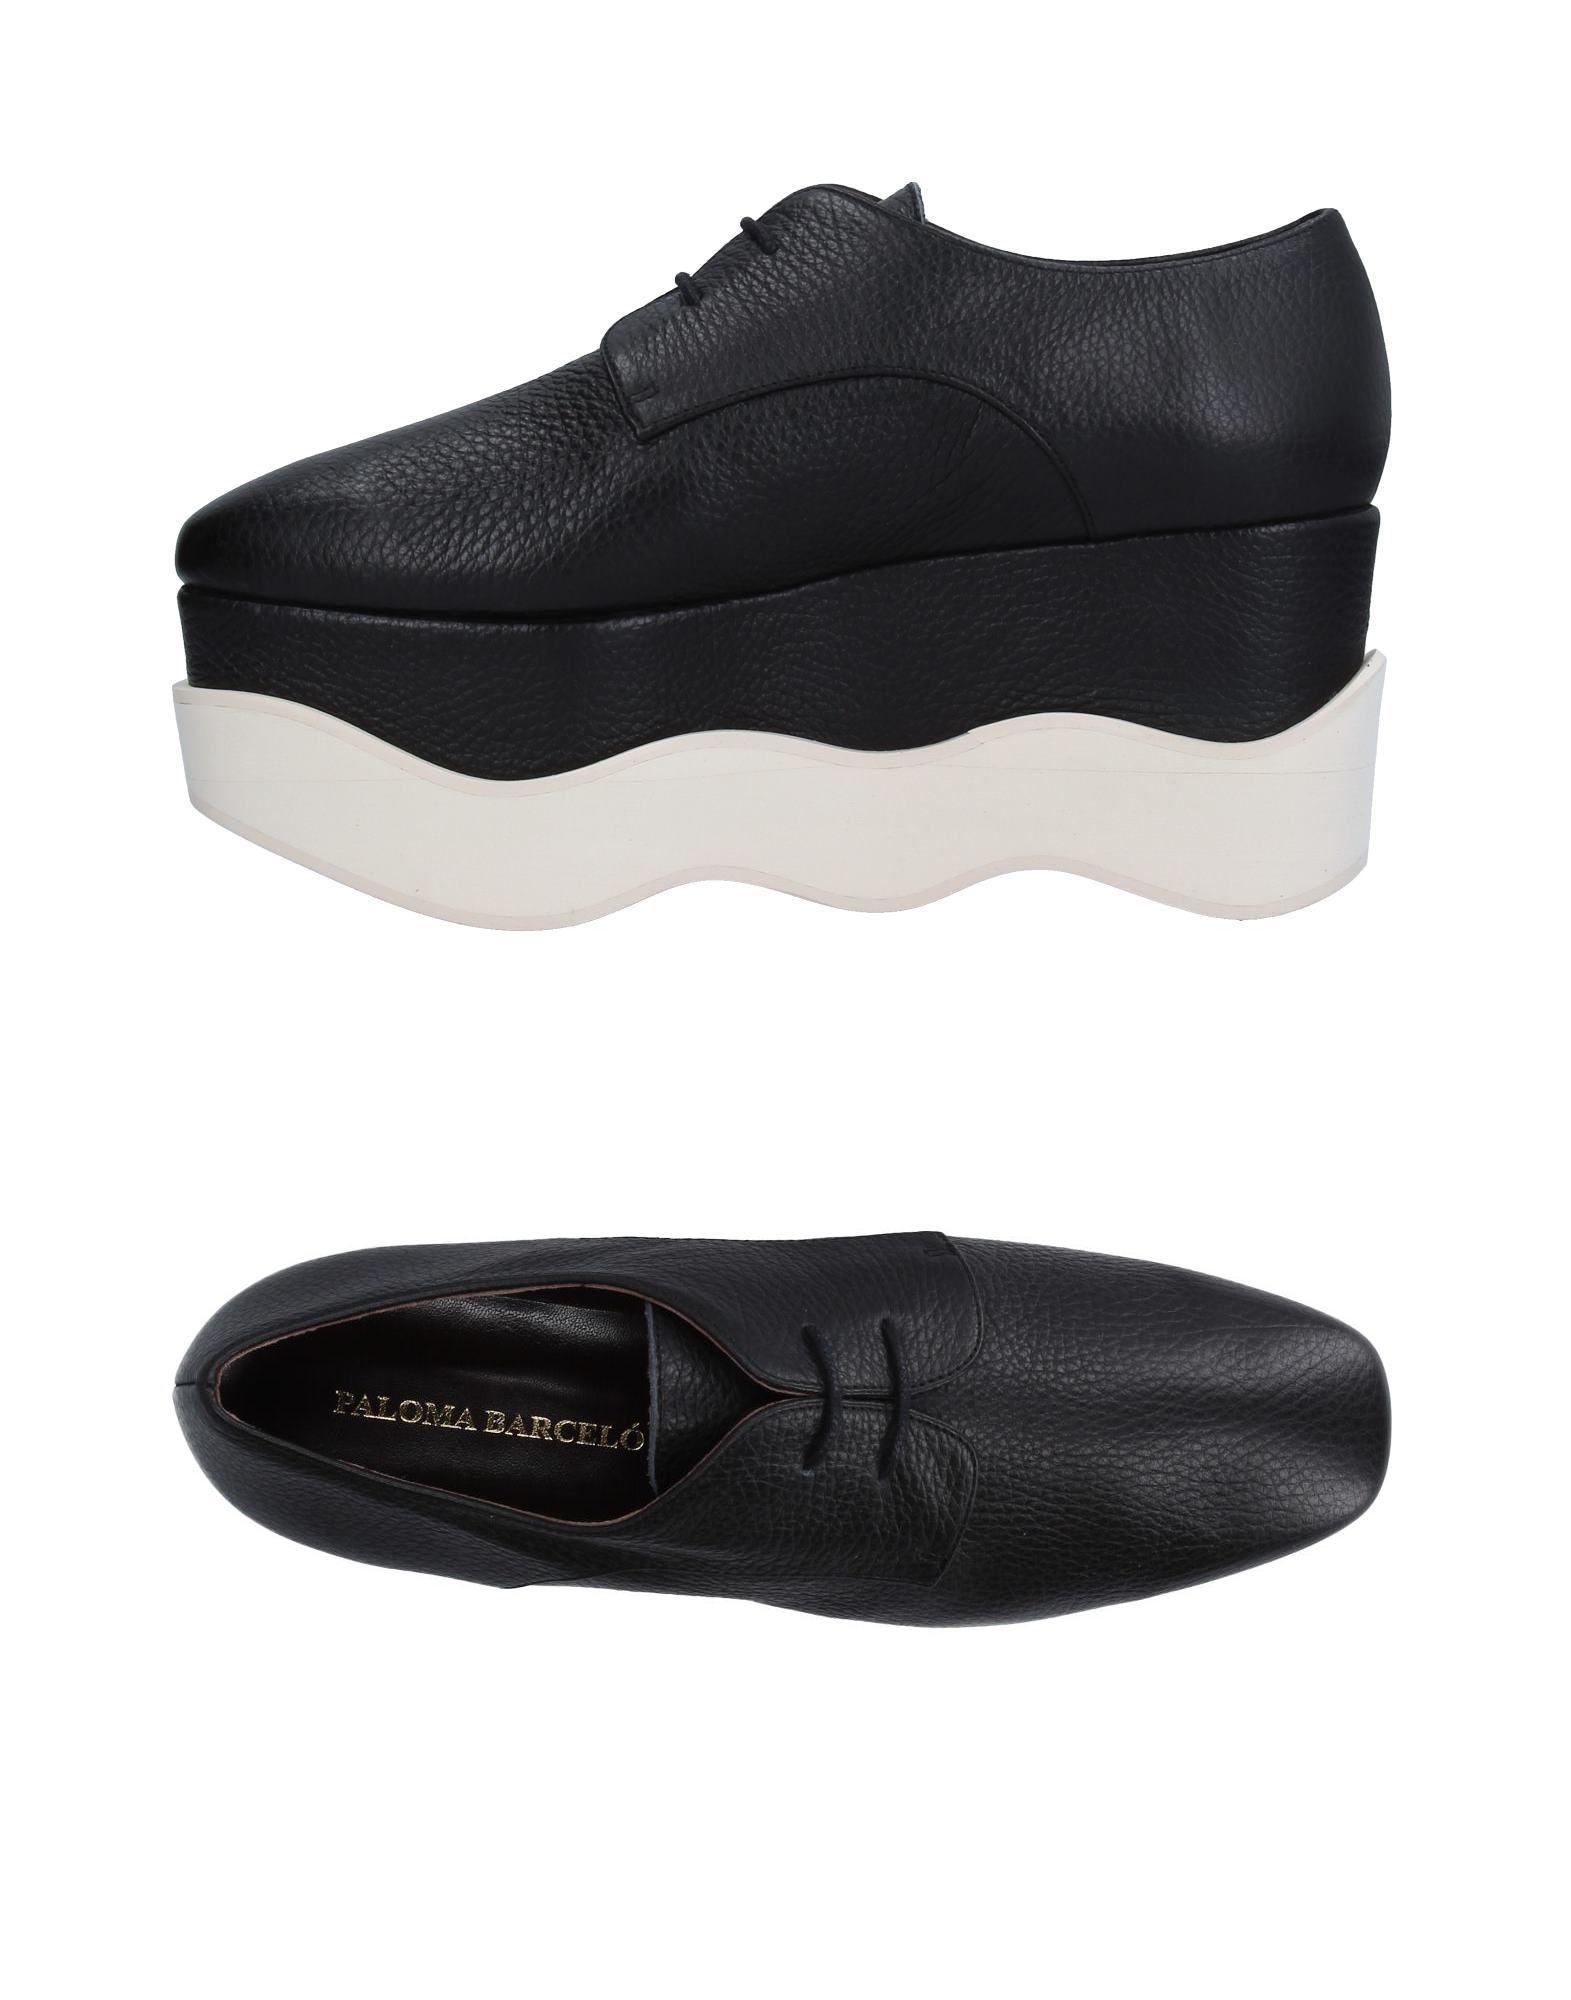 Paloma Barceló Schnürschuhe Damen  11224173GF Gute Qualität beliebte Schuhe